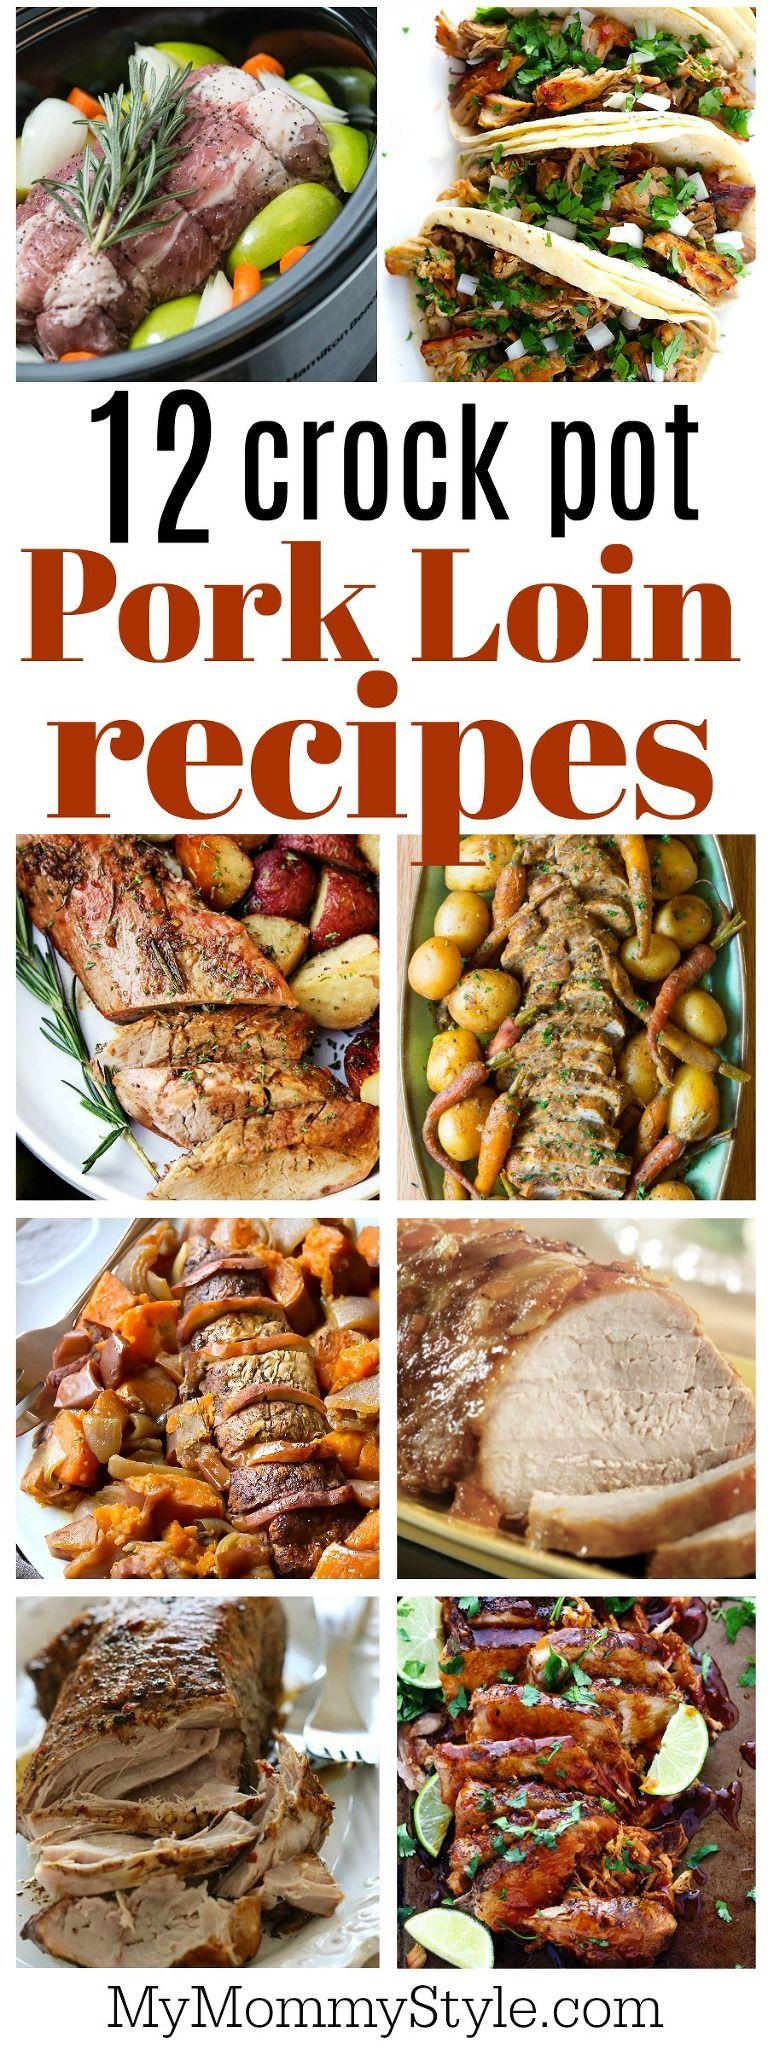 crock pot pork loin recipes